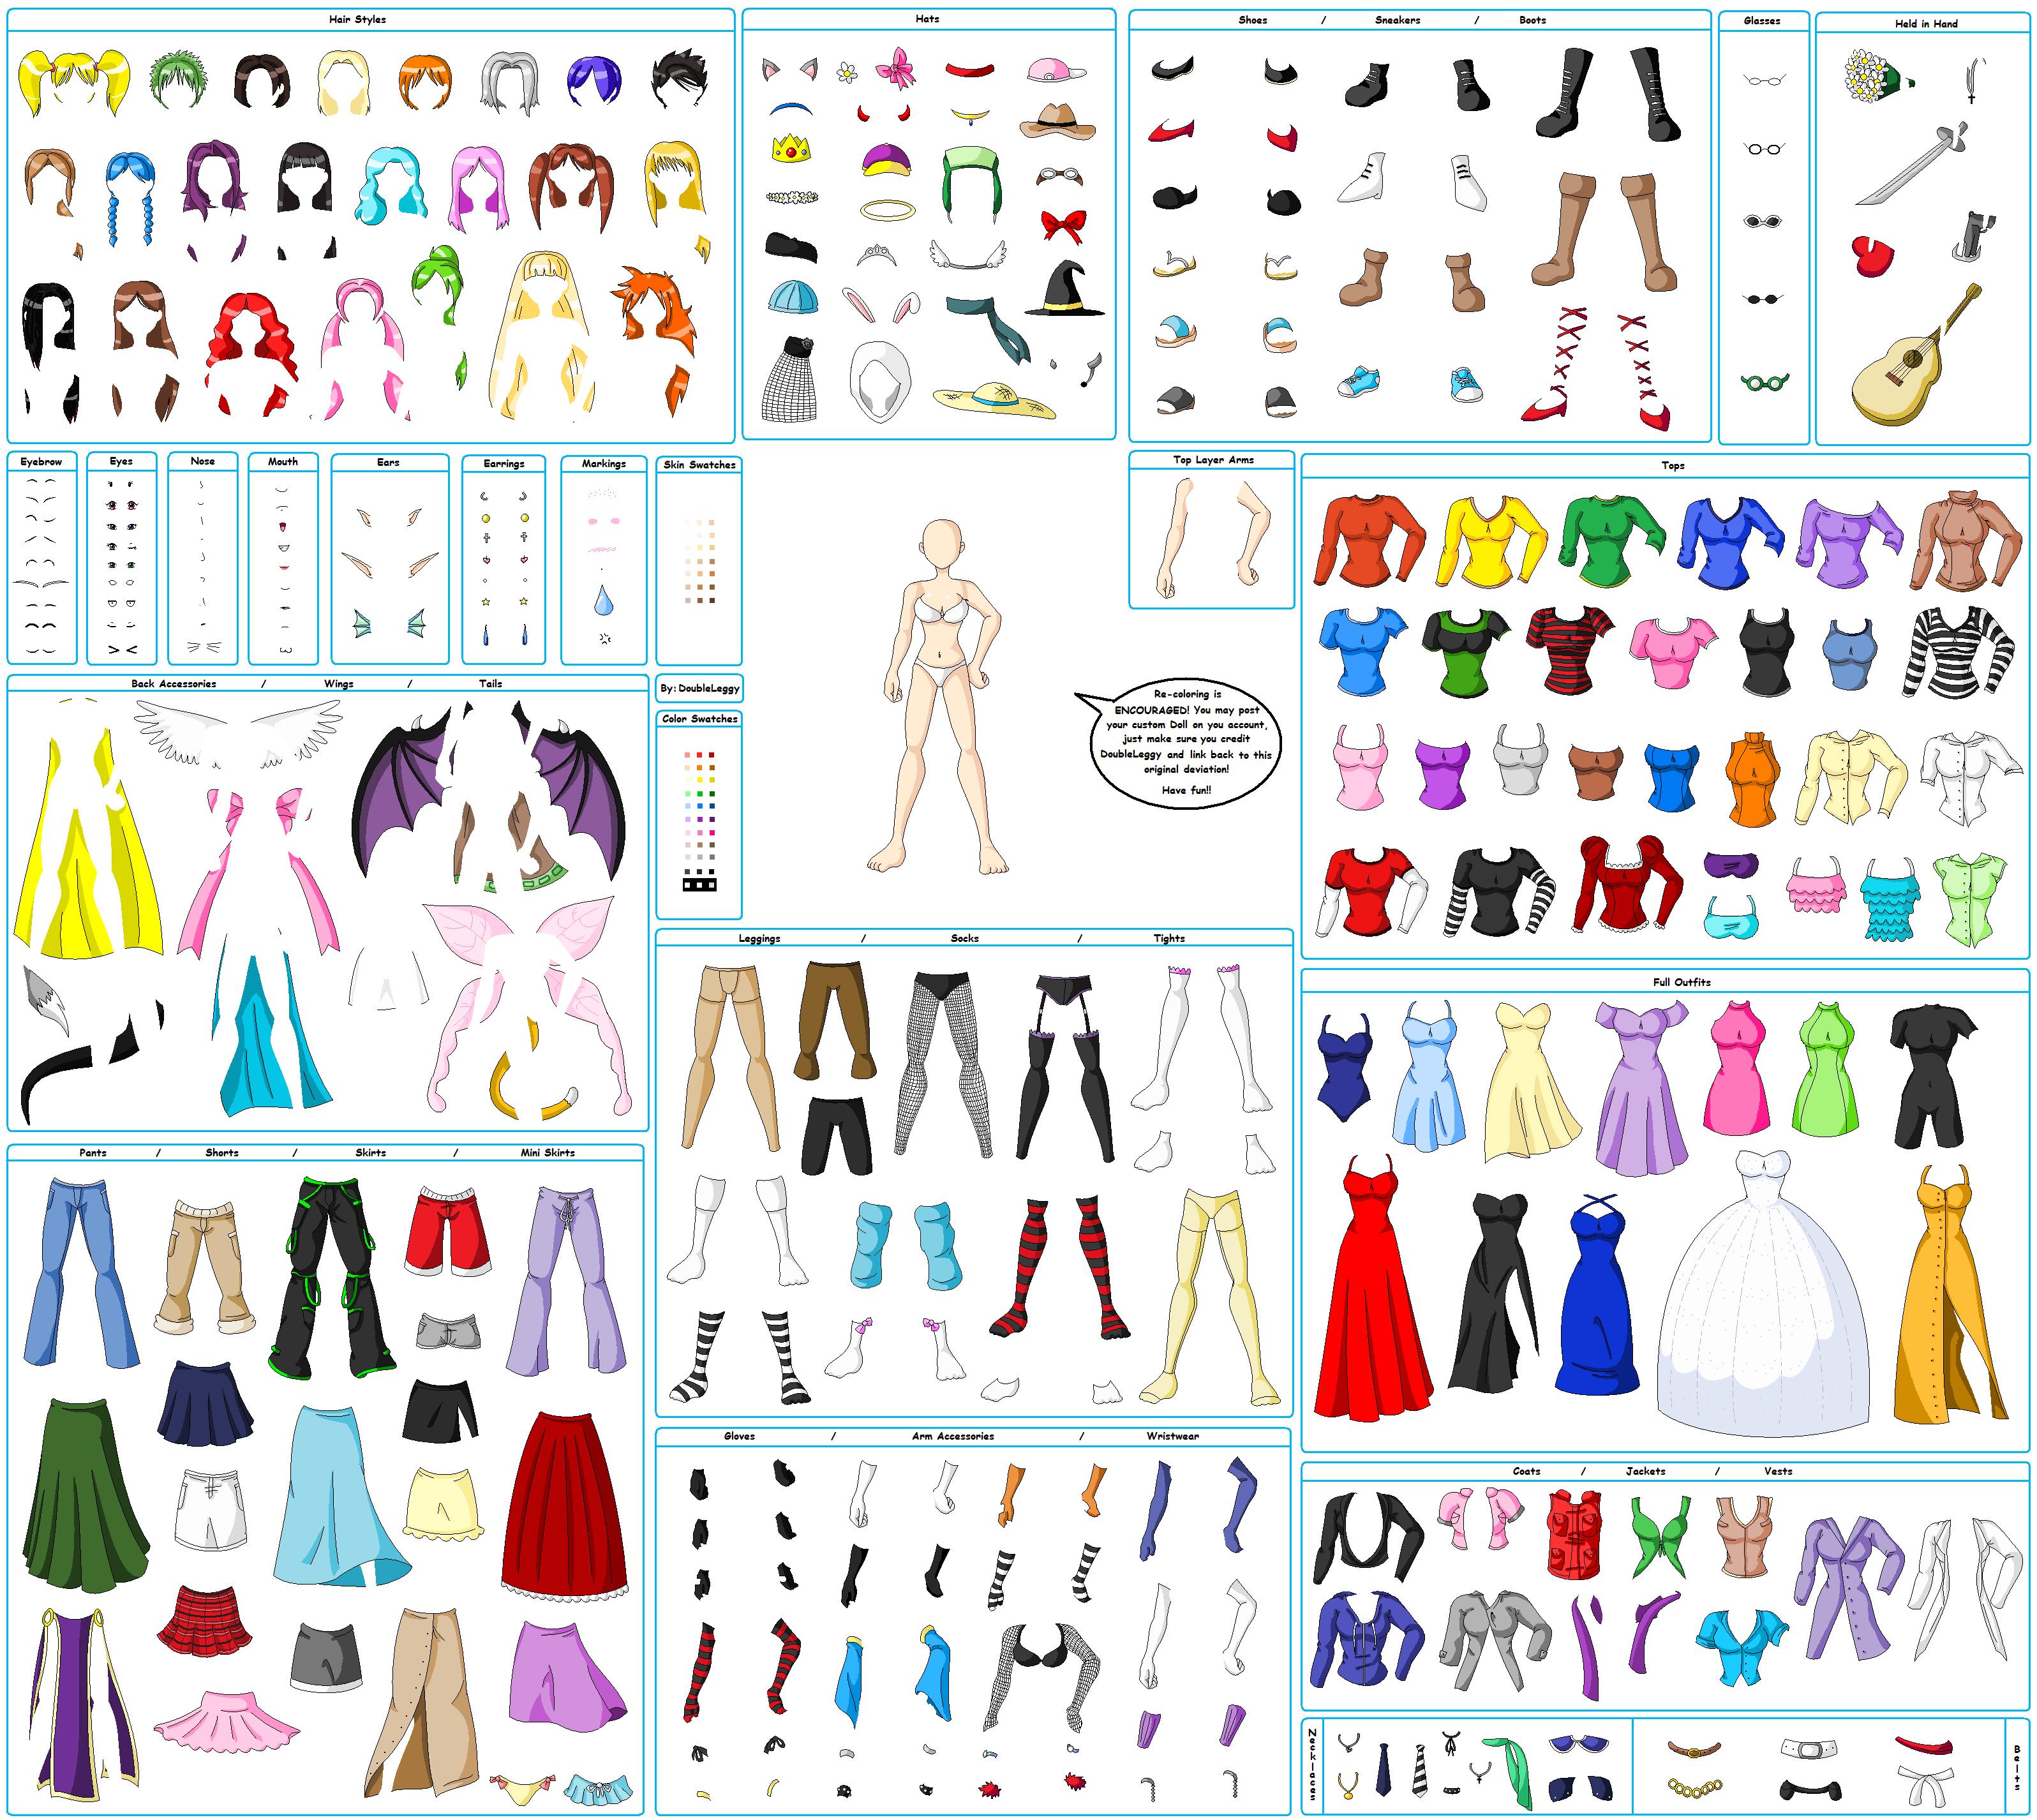 Ms paint anime doll maker by doubleleggy on deviantart for Online drawing maker